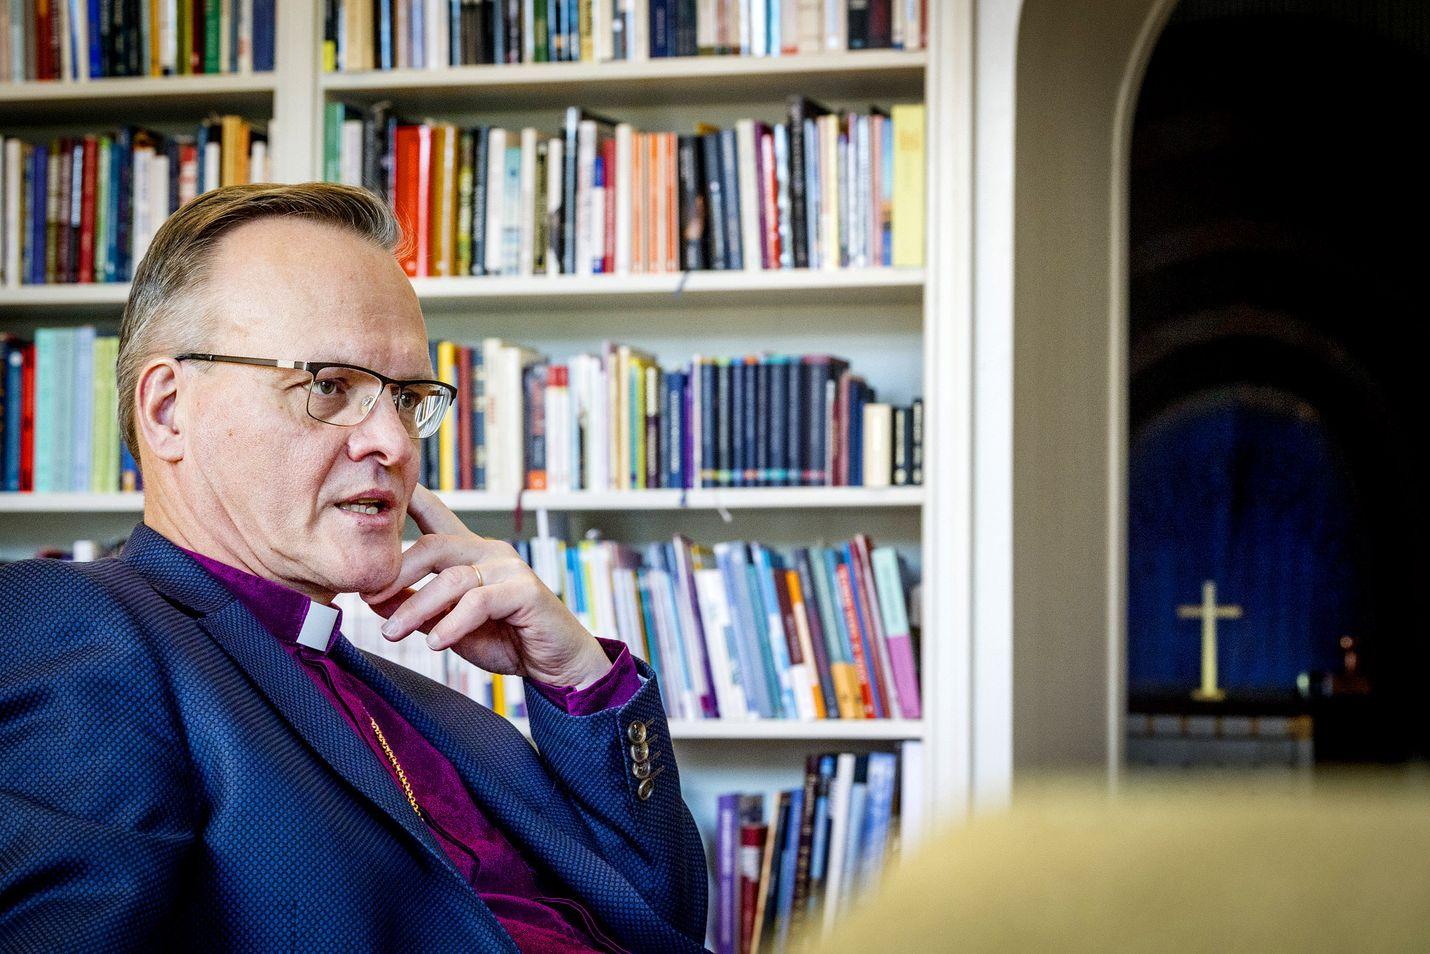 Piispainkokous käsitteli kirkossa vallitsevaa erimielisyyttä avioliittokäsityksestä kokouksessaan torstaina. Arkistokuvassa arkkipiispa Tapio Luoma.